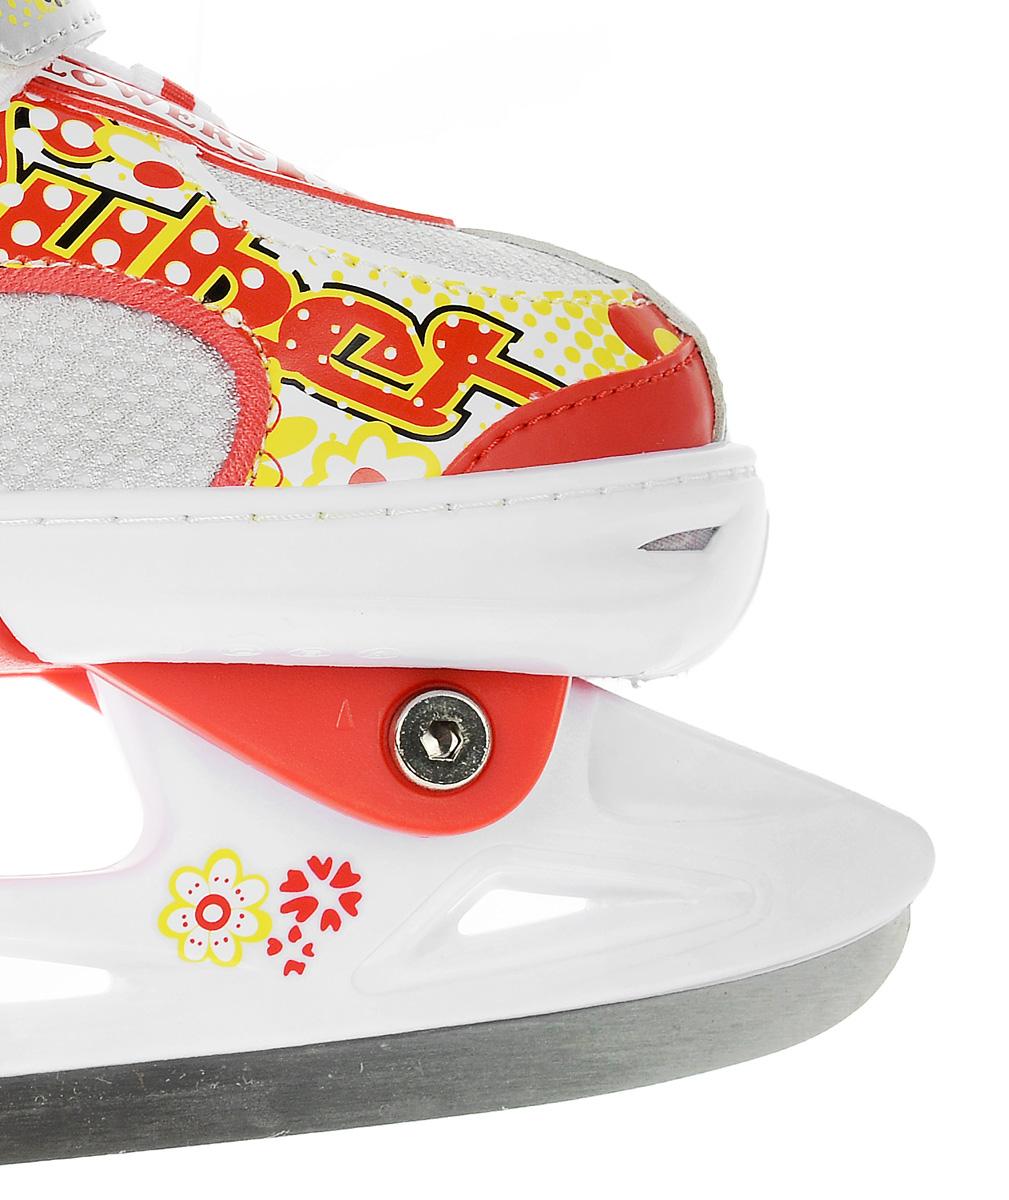 Коньки ледовые для девочки Action Sporting Goods, раздвижные, цвет:  белый, красный.  PW-113.  Размер 29/32 Action